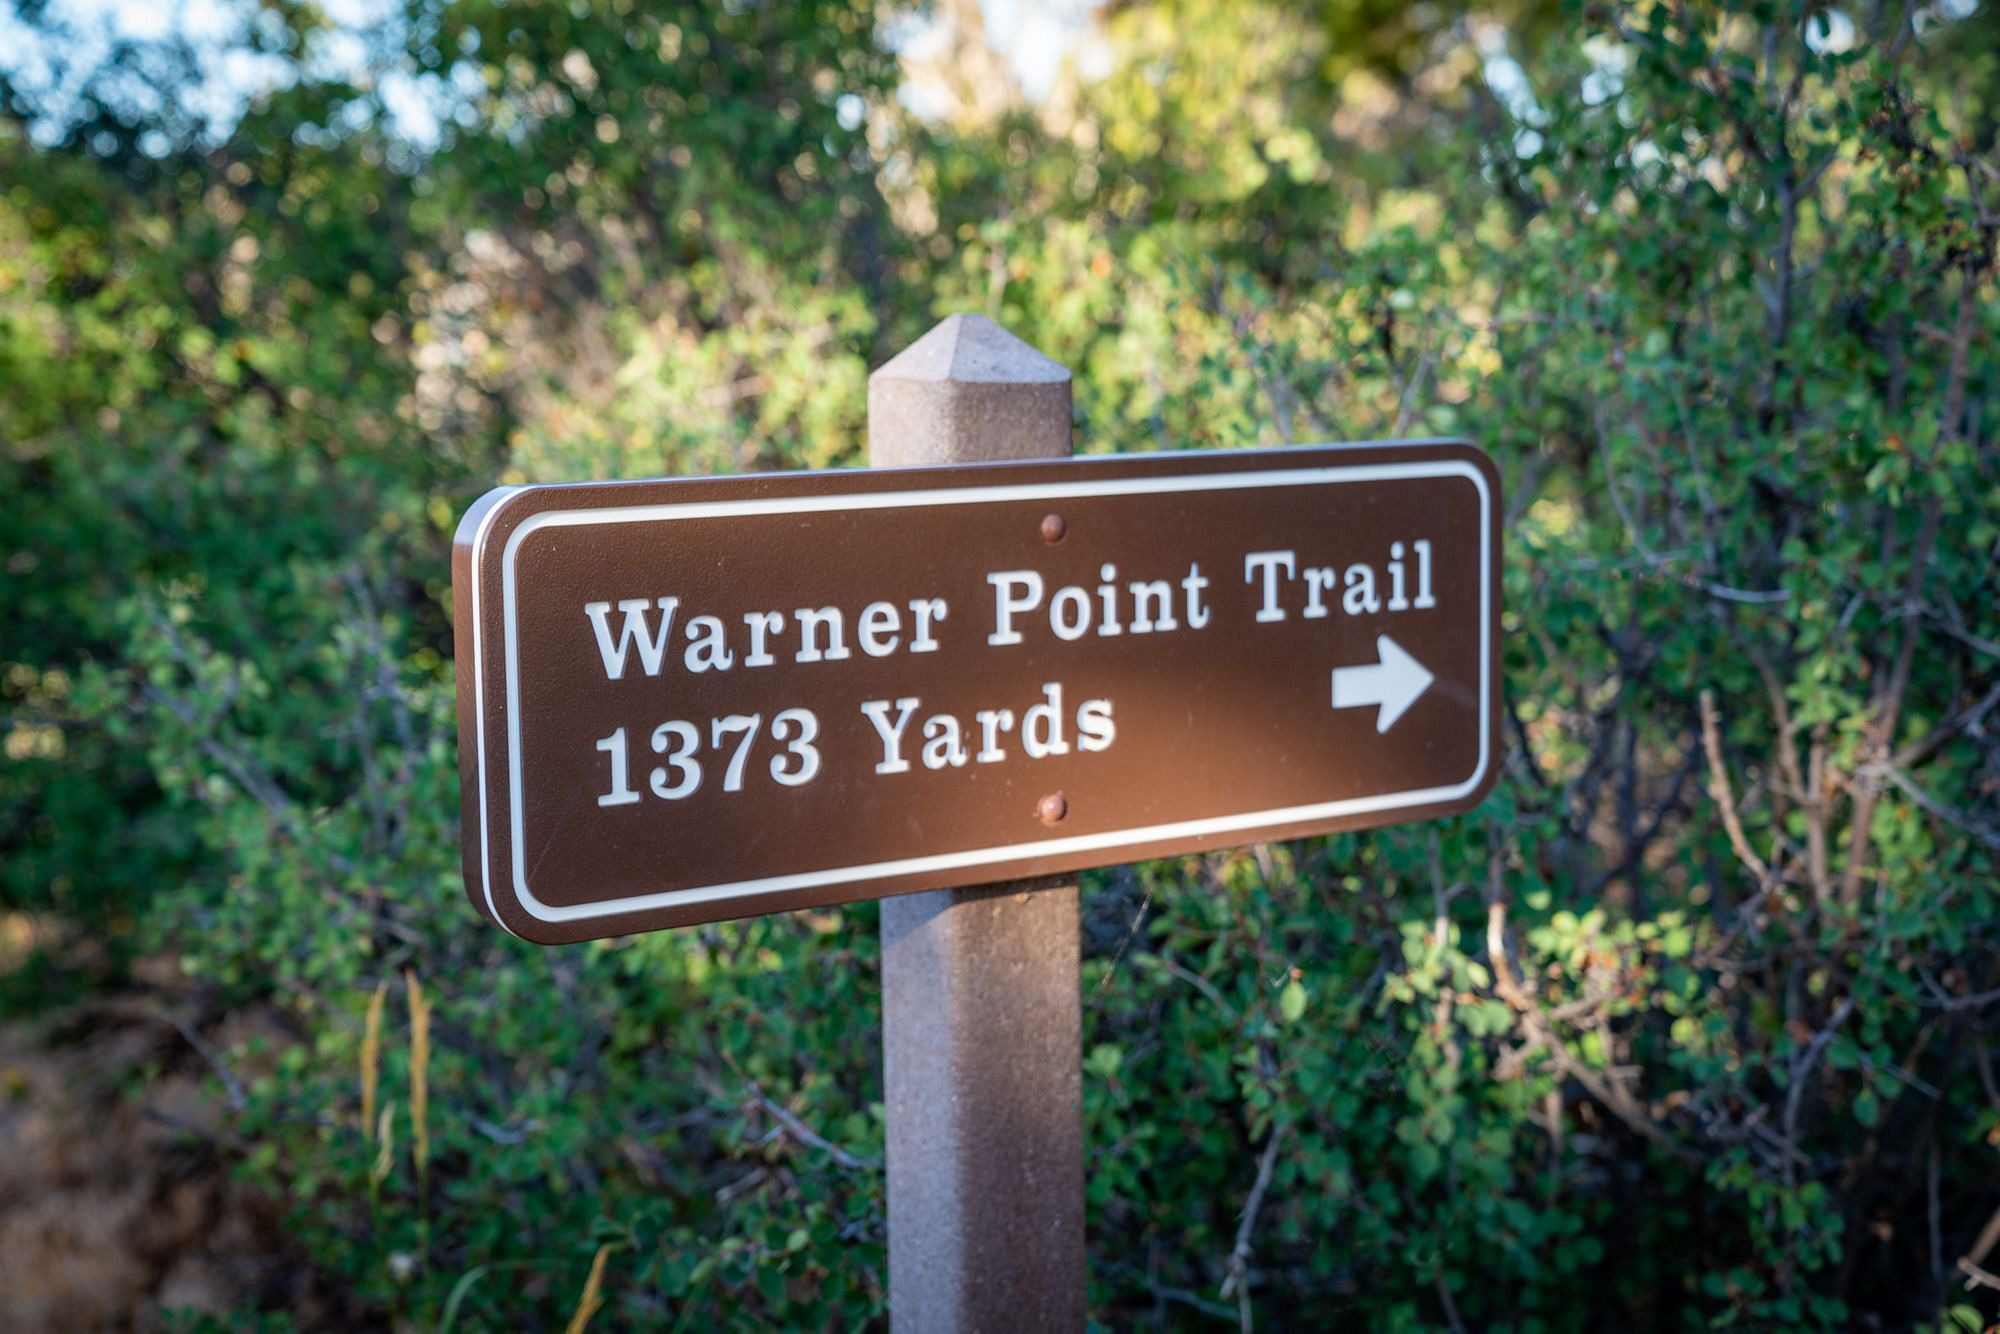 Warner Point Trail